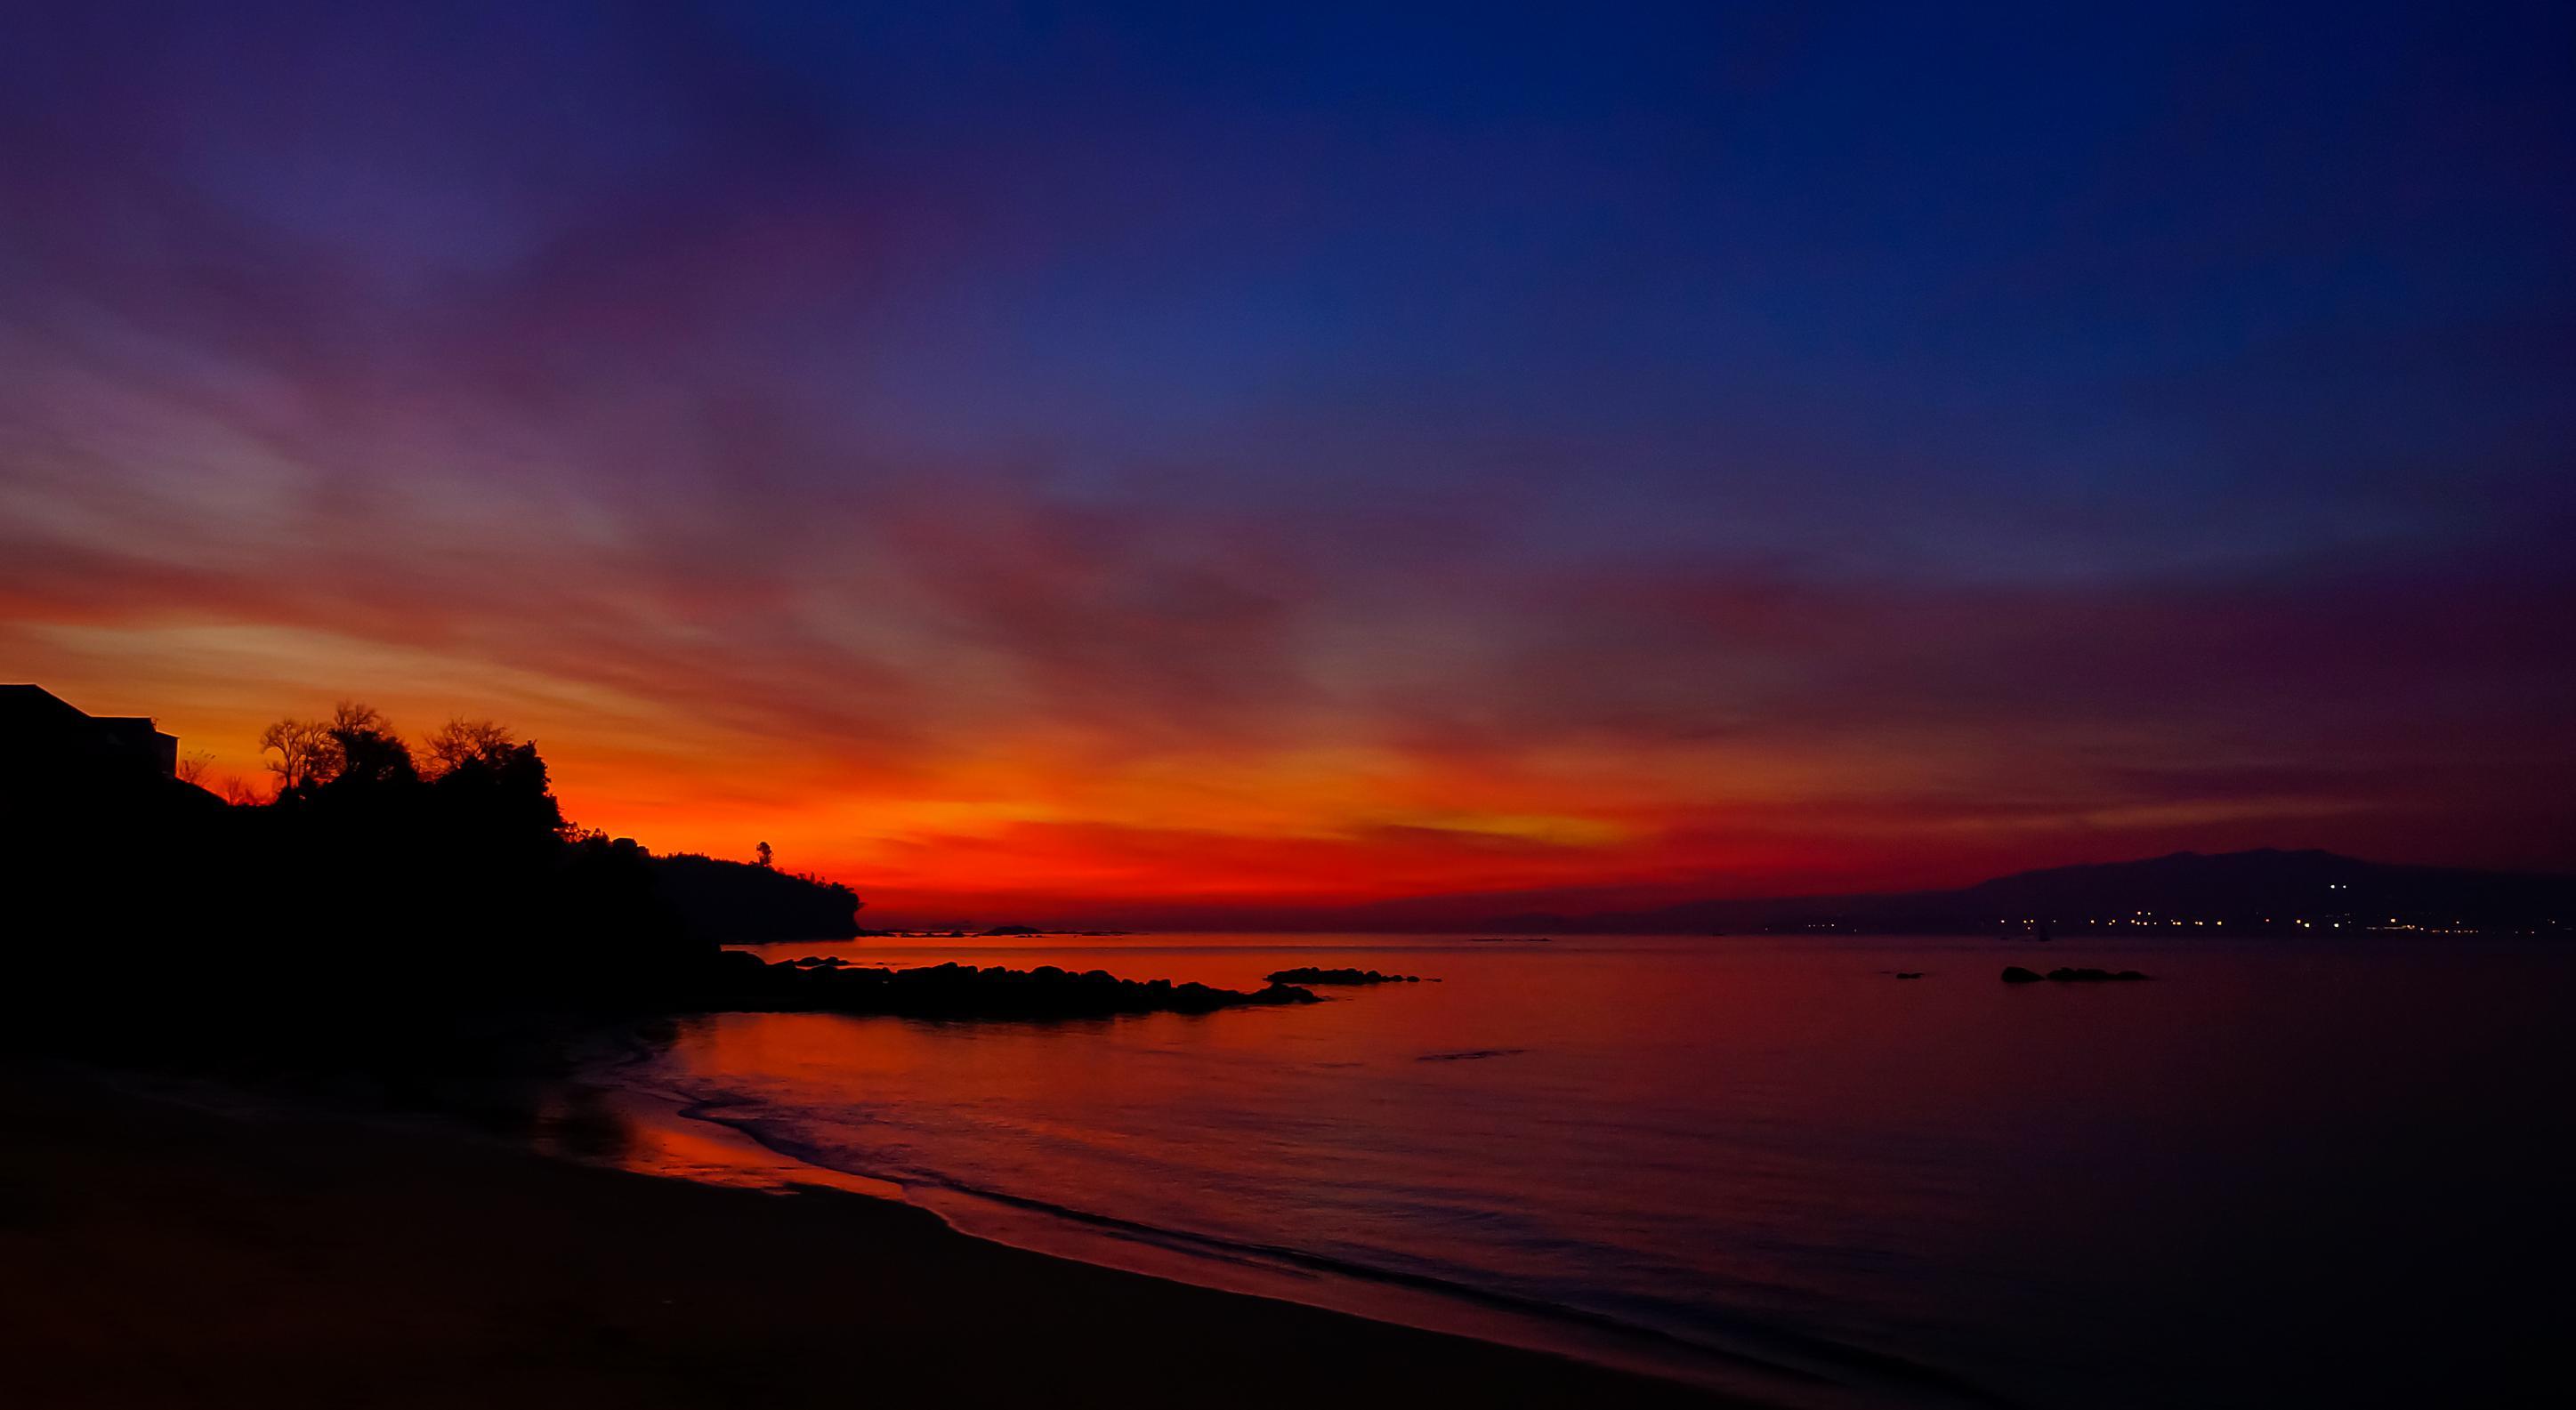 Kostenlose Bild: Sonnenuntergang, Dämmerung, Dämmerung ...